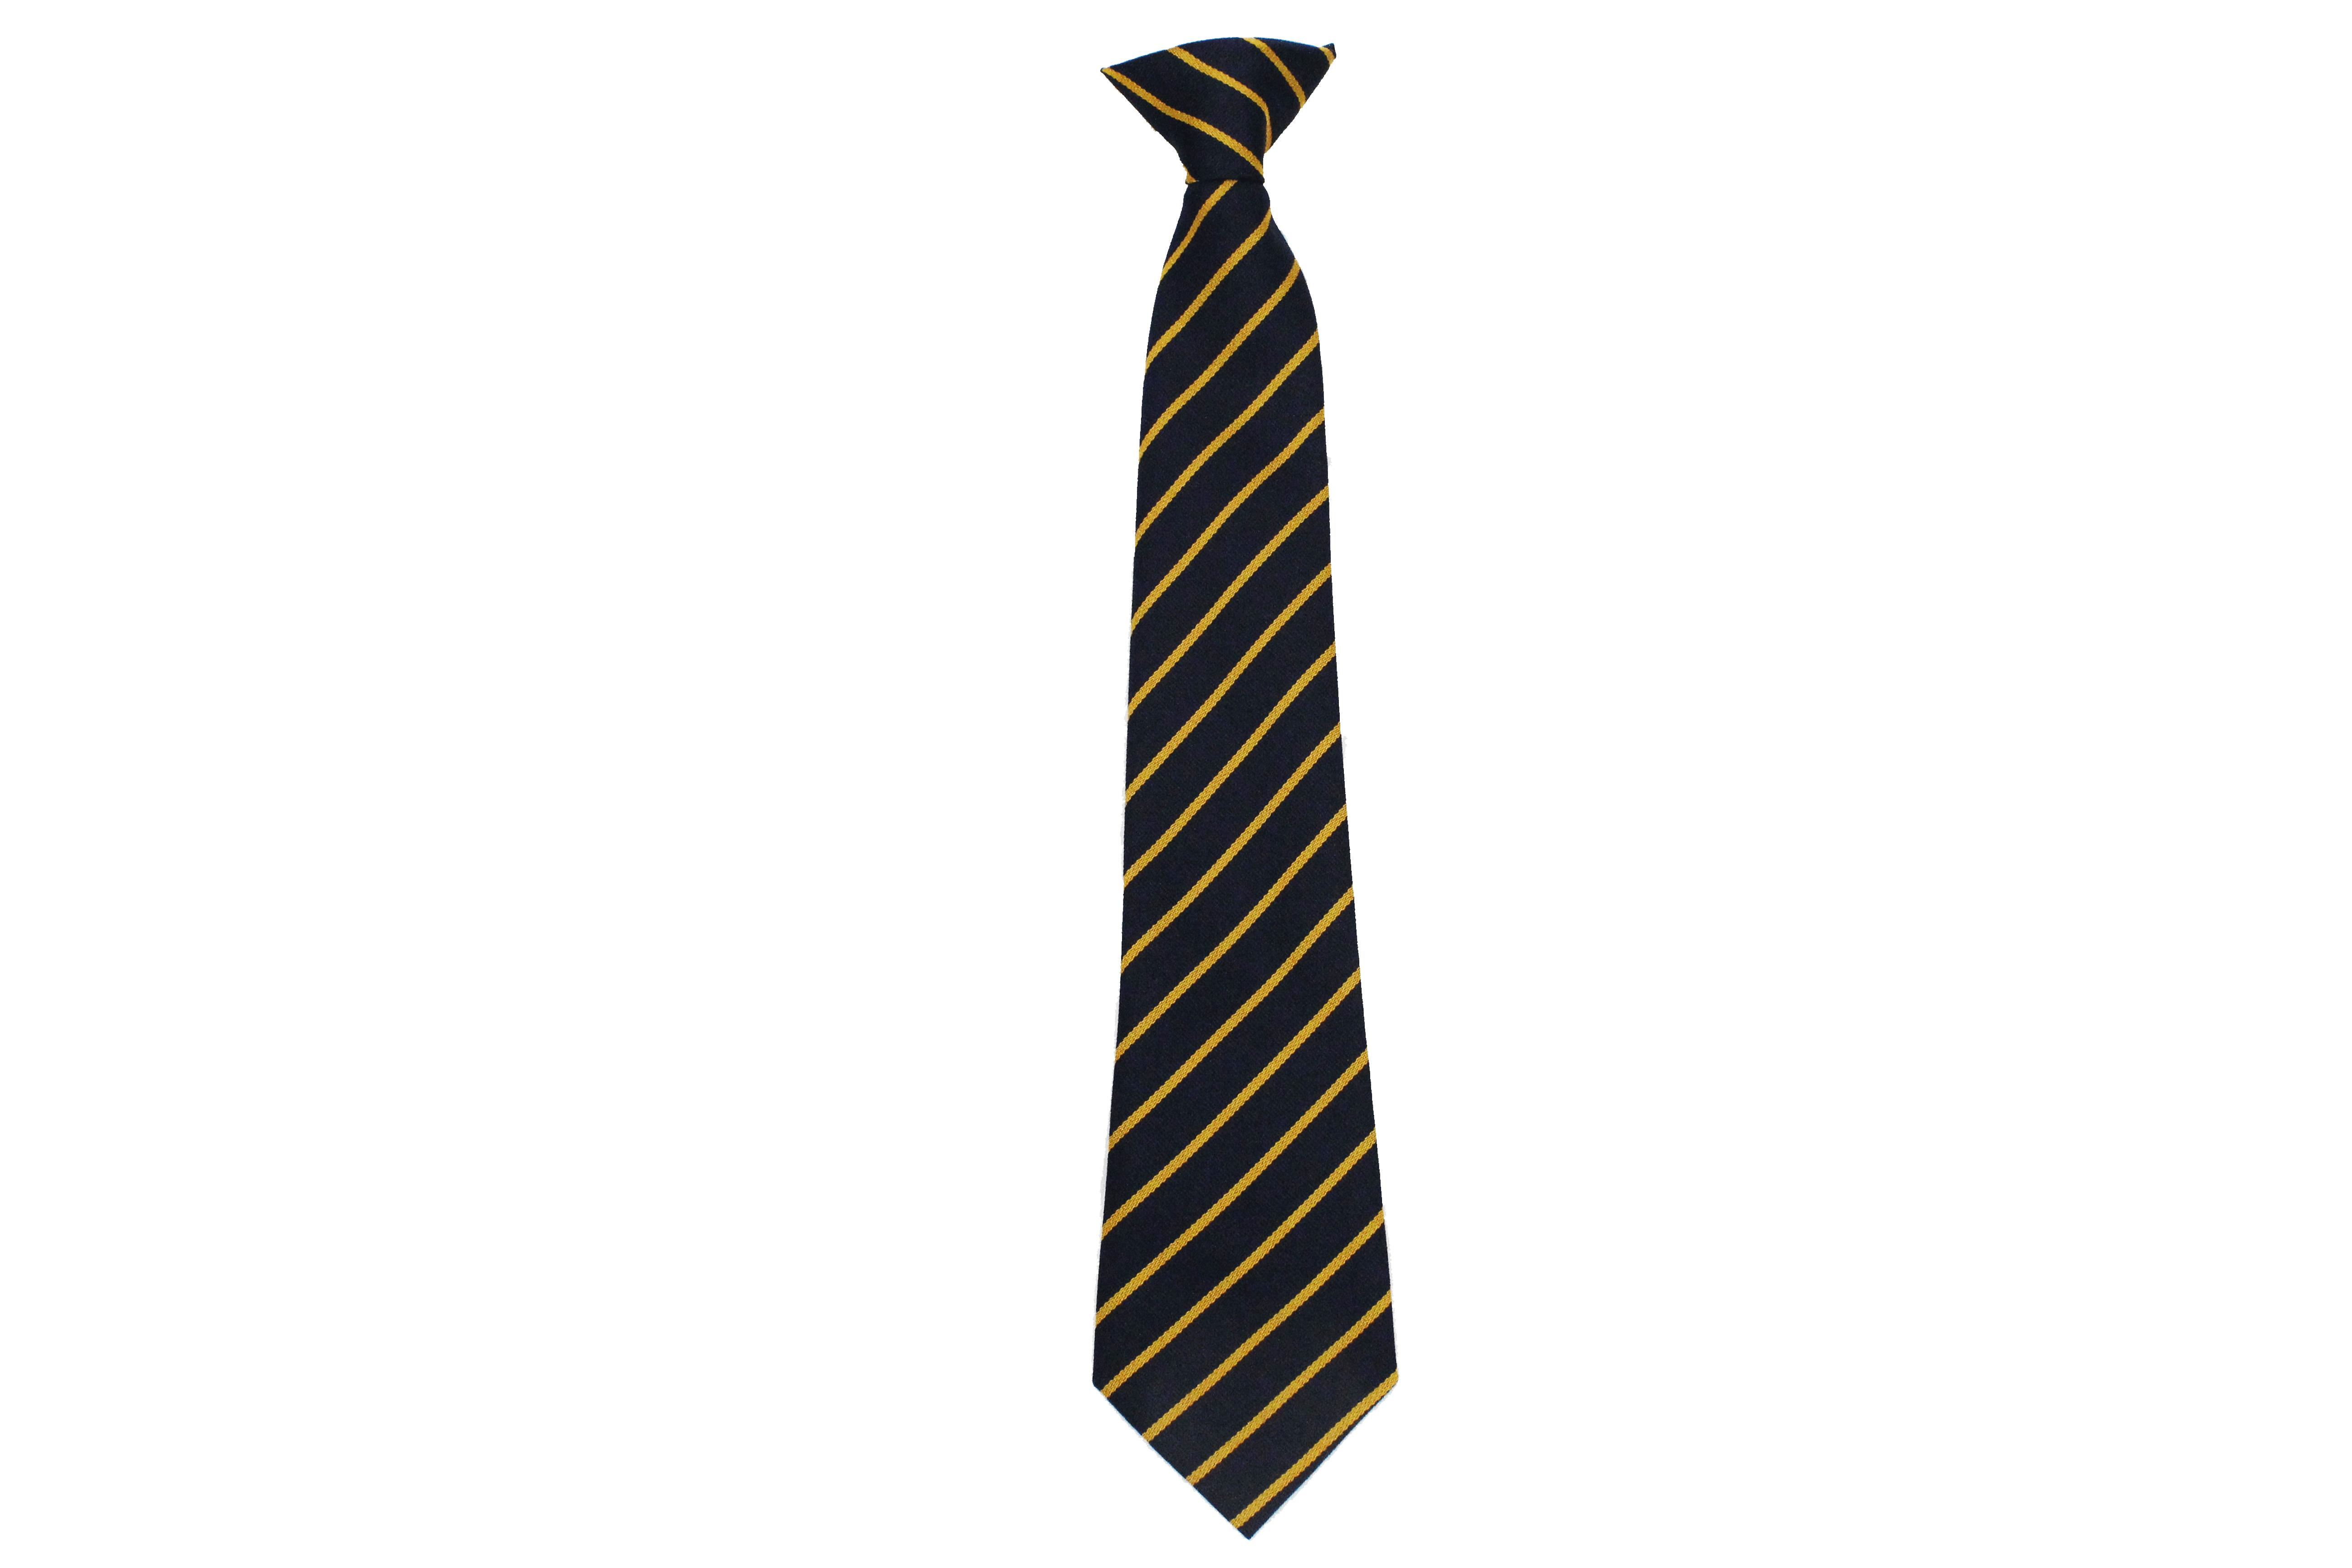 SWRA Tie - Simlar - Yellow